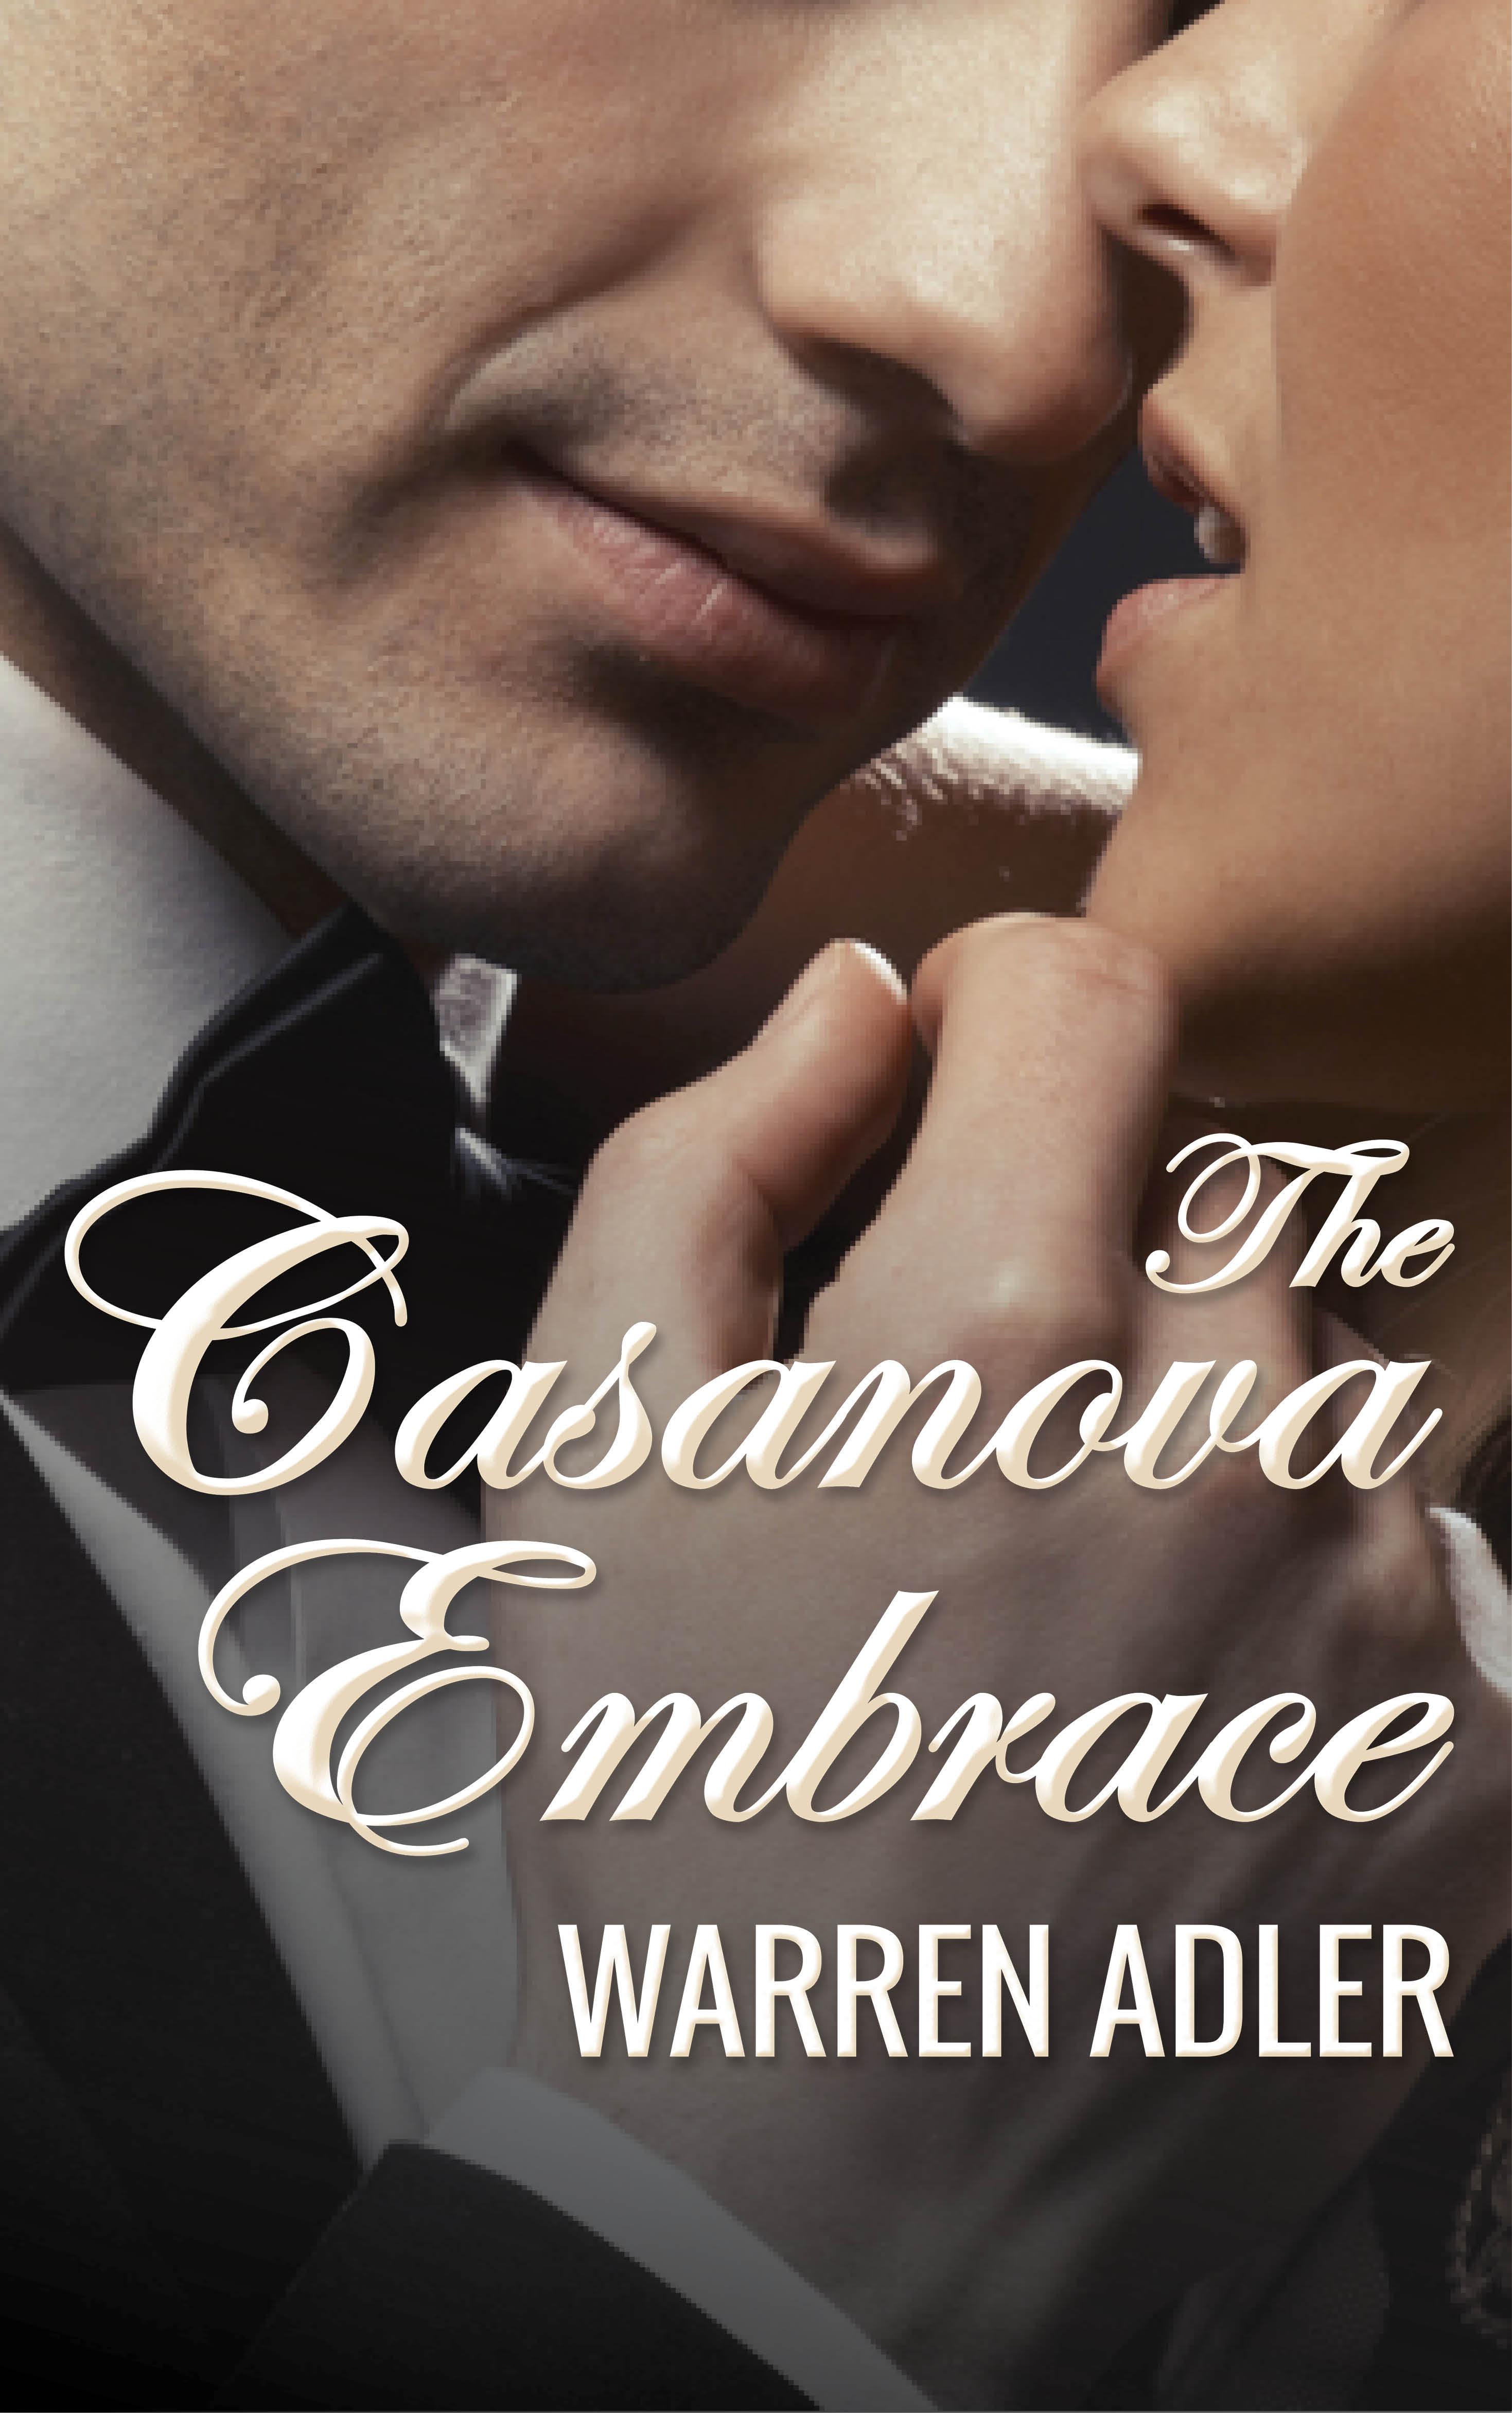 The Casanova Embrace